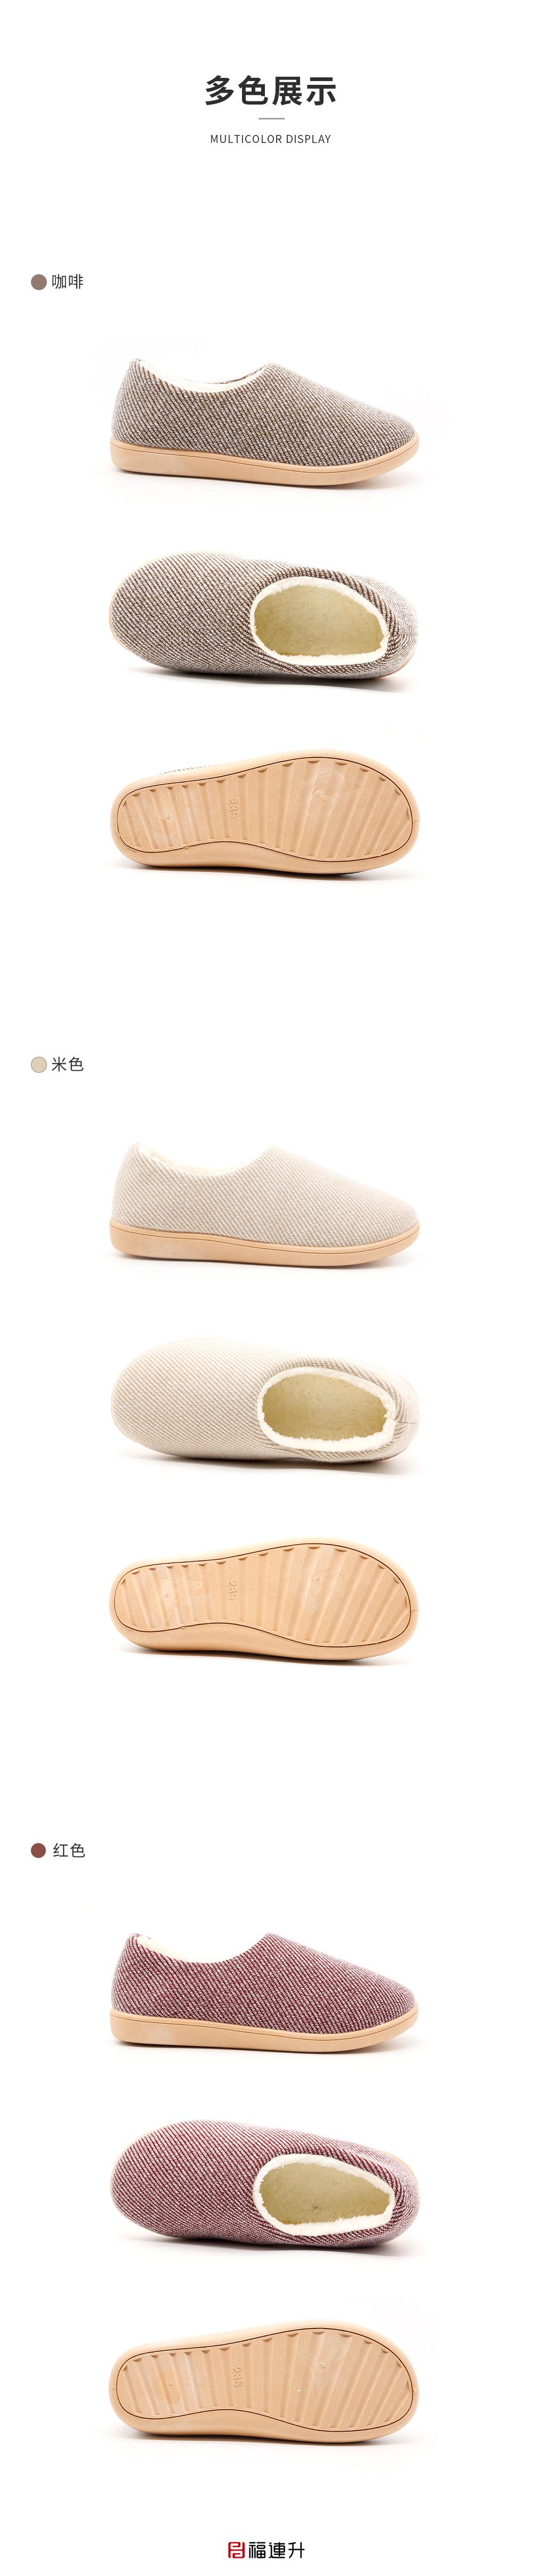 福连升2020冬季新款女包跟针织布保暖防滑棉拖鞋图片